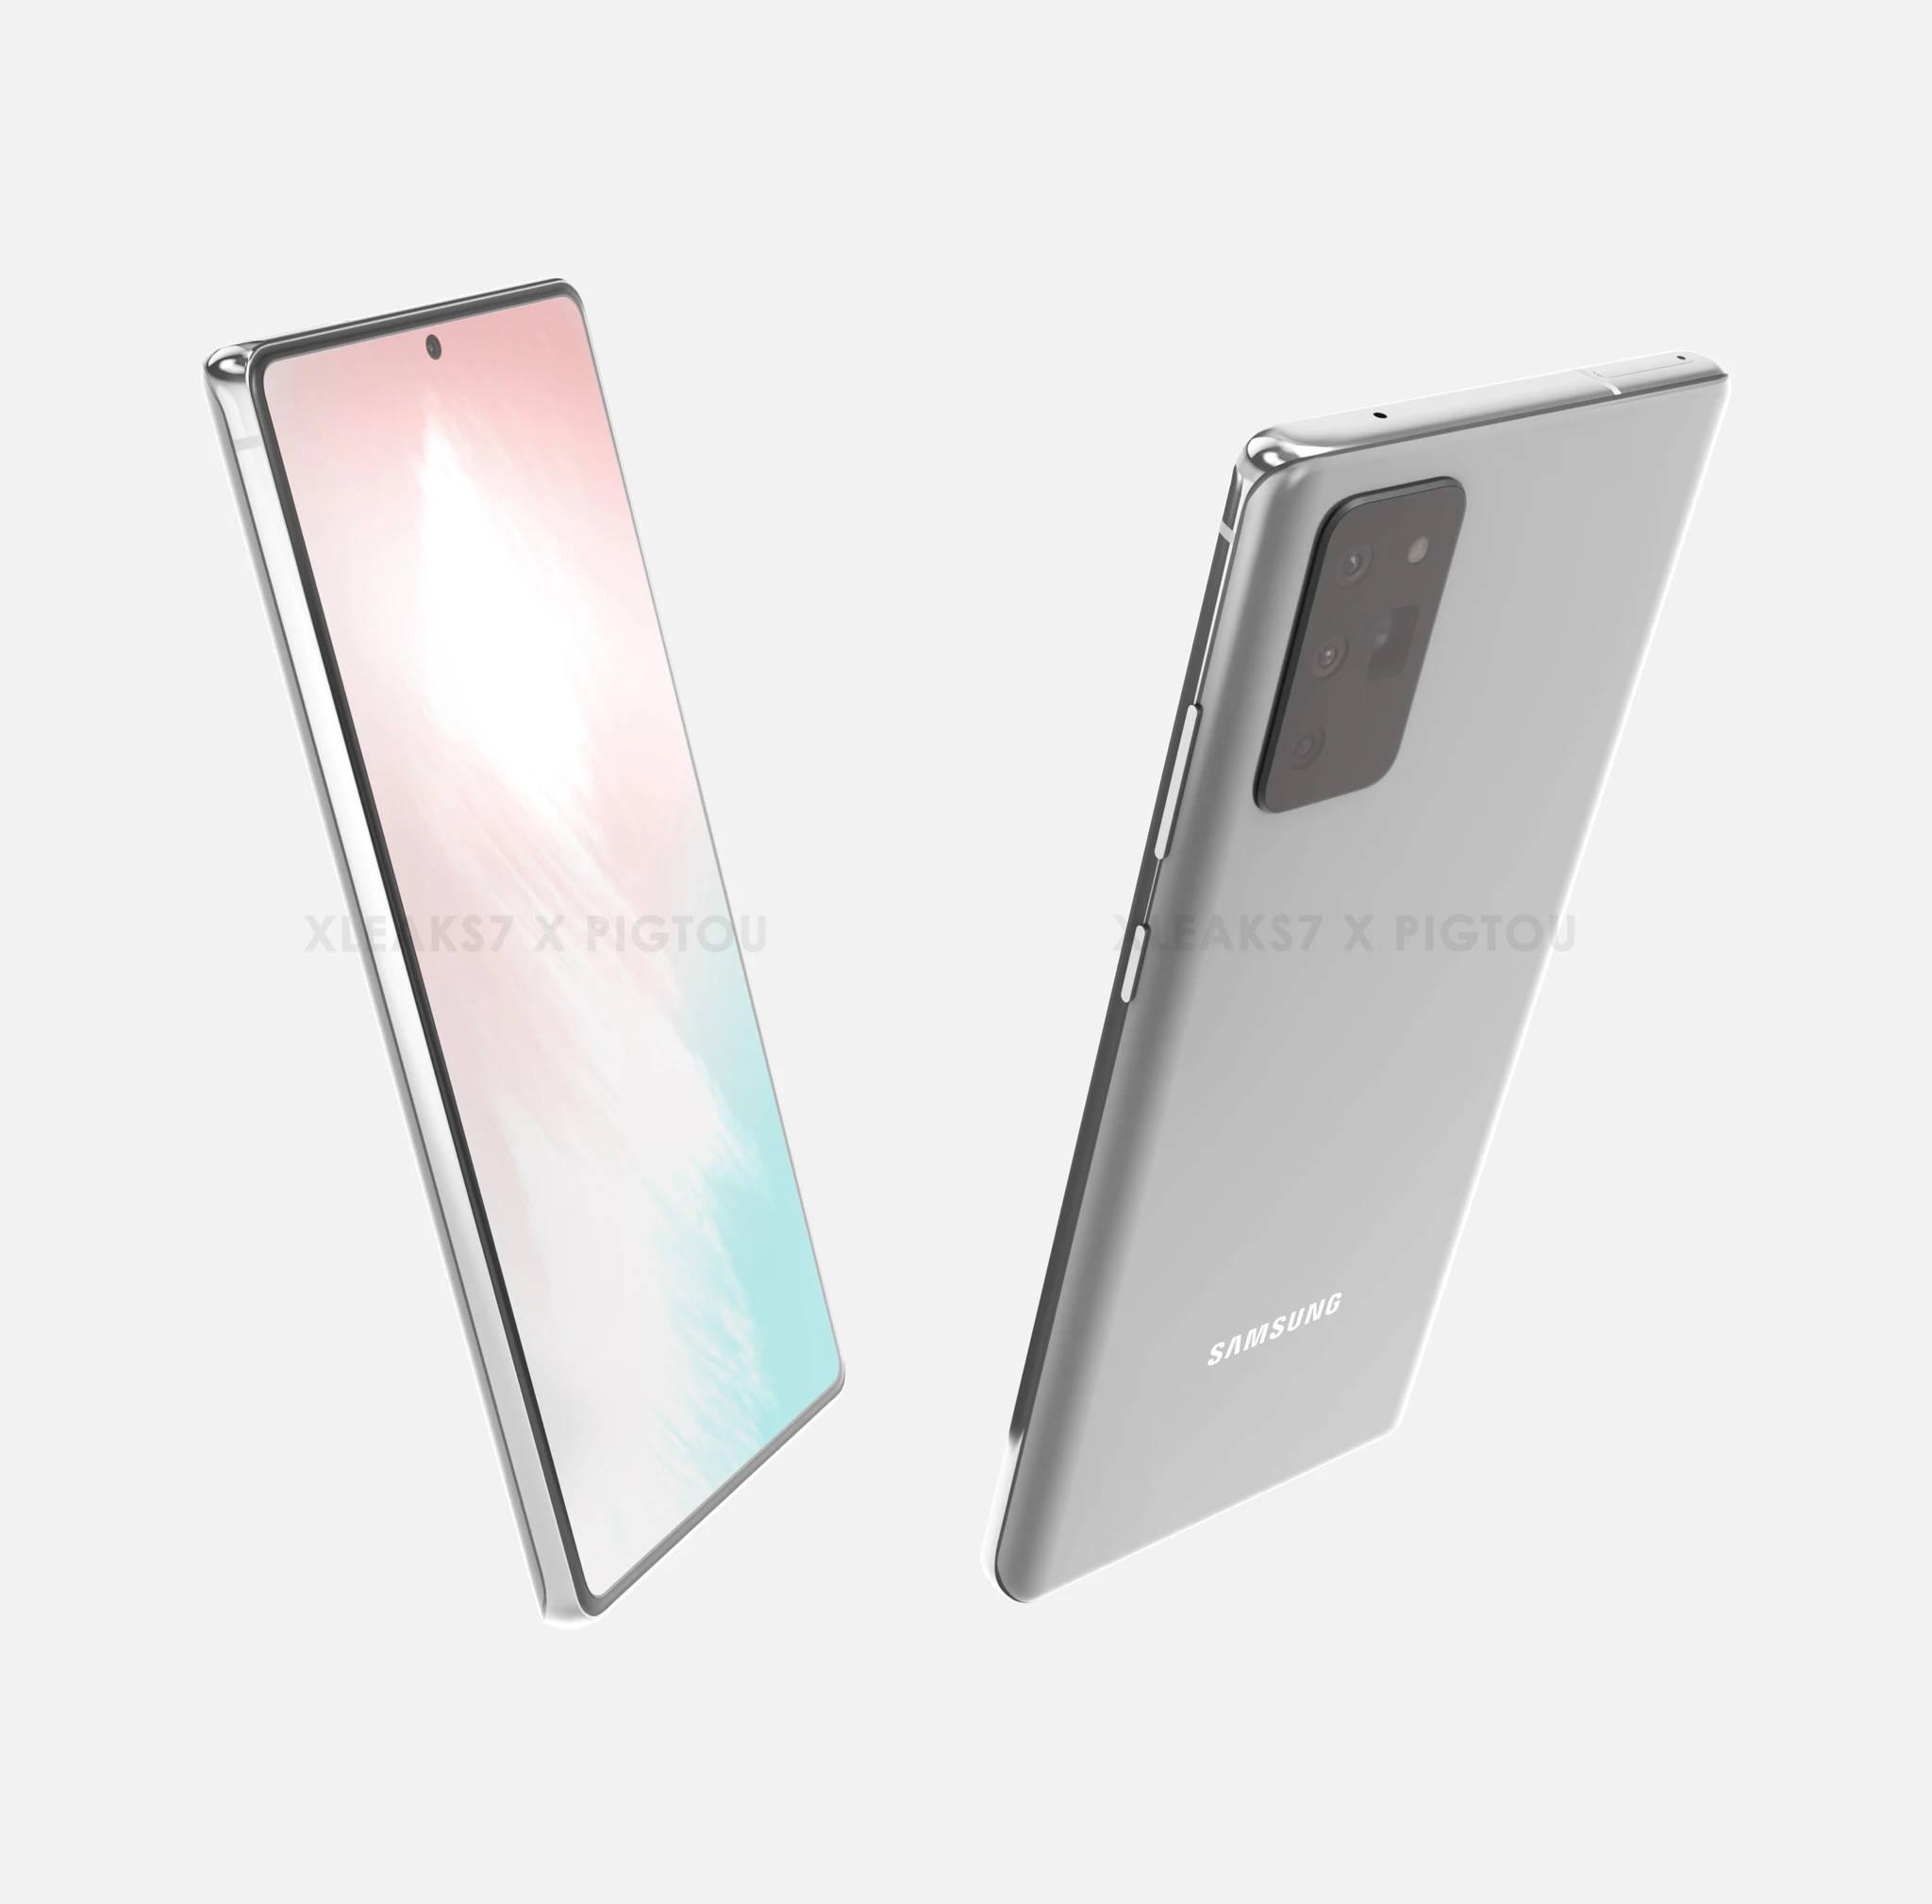 Samsung Galaxy Note 20 rendery design wygląd plotki przecieki wycieki specyfikacja dane techniczne